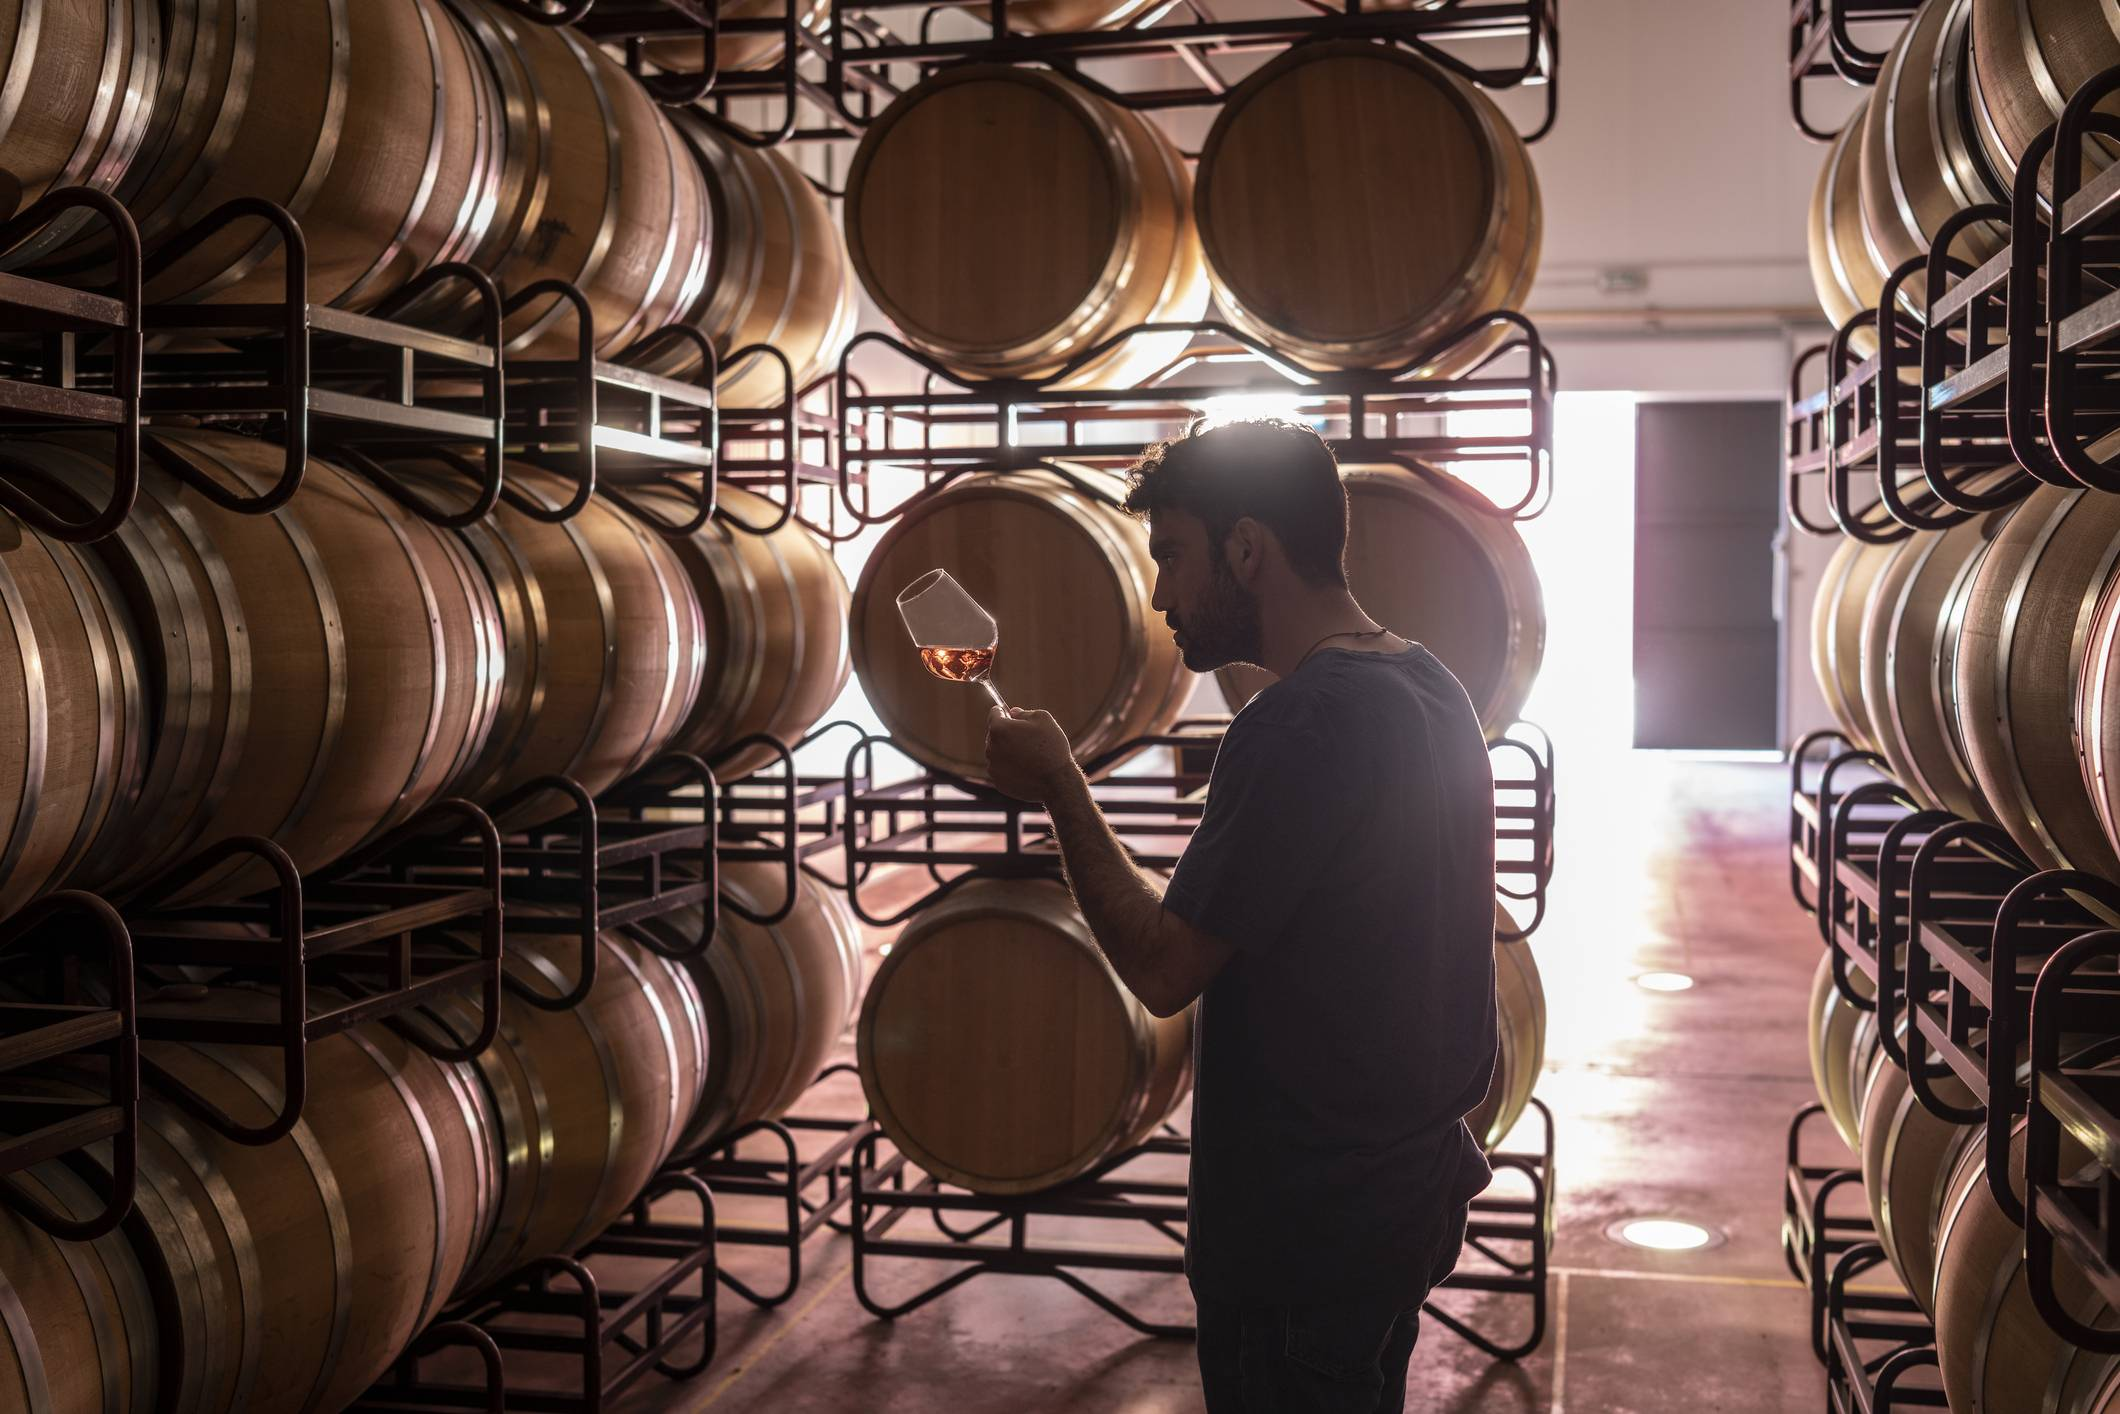 La pyramide qualitative permet de tirer les producteurs de vin vers le haut, en plus d'apporter un supplément d'informations au consommateur.